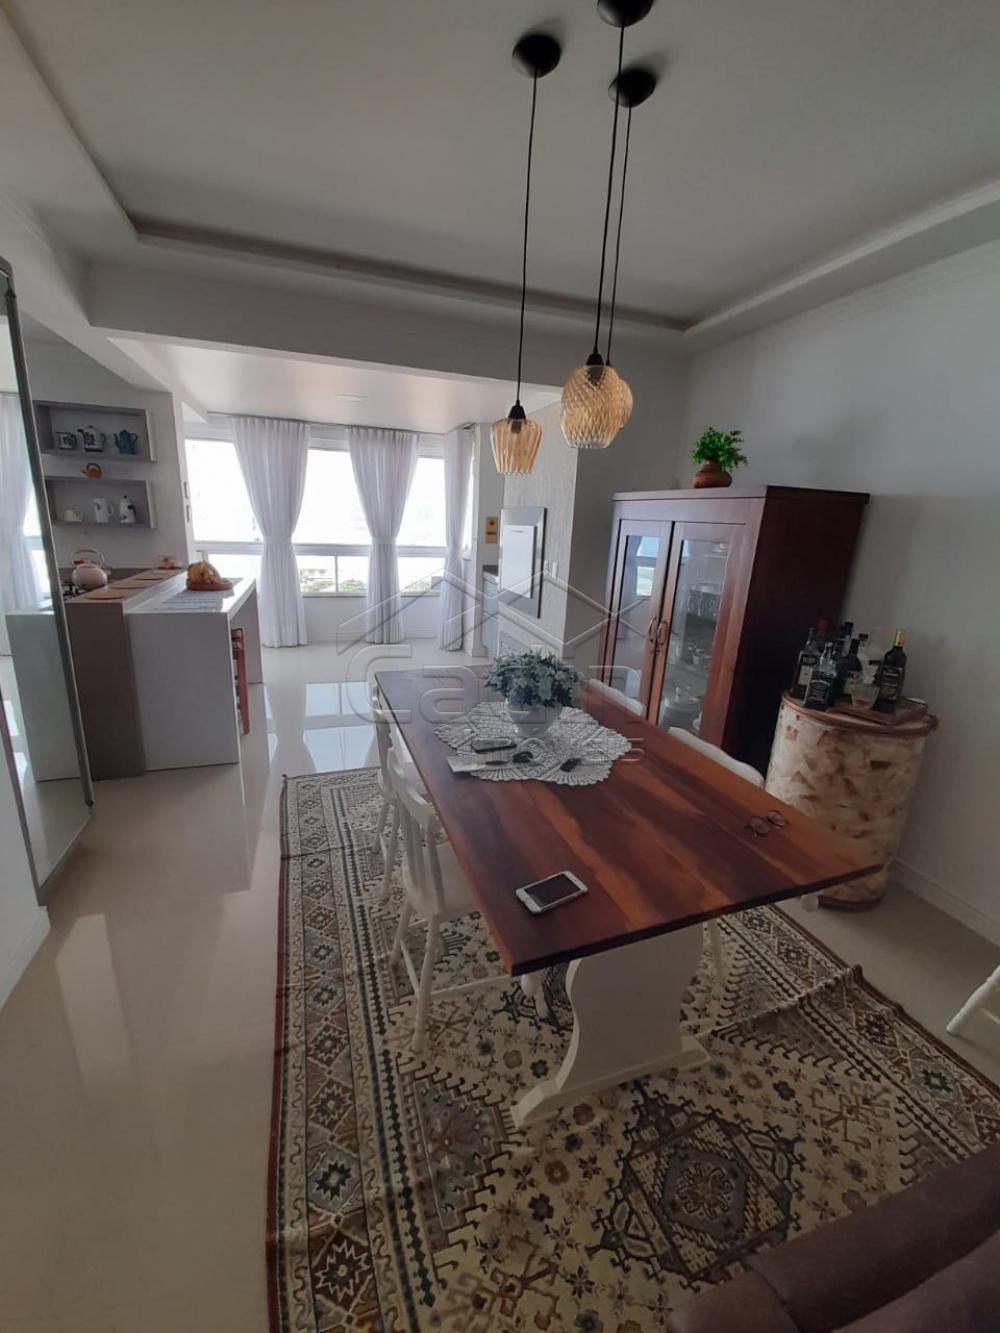 Comprar Apartamento / Padrão em Navegantes R$ 630.000,00 - Foto 6